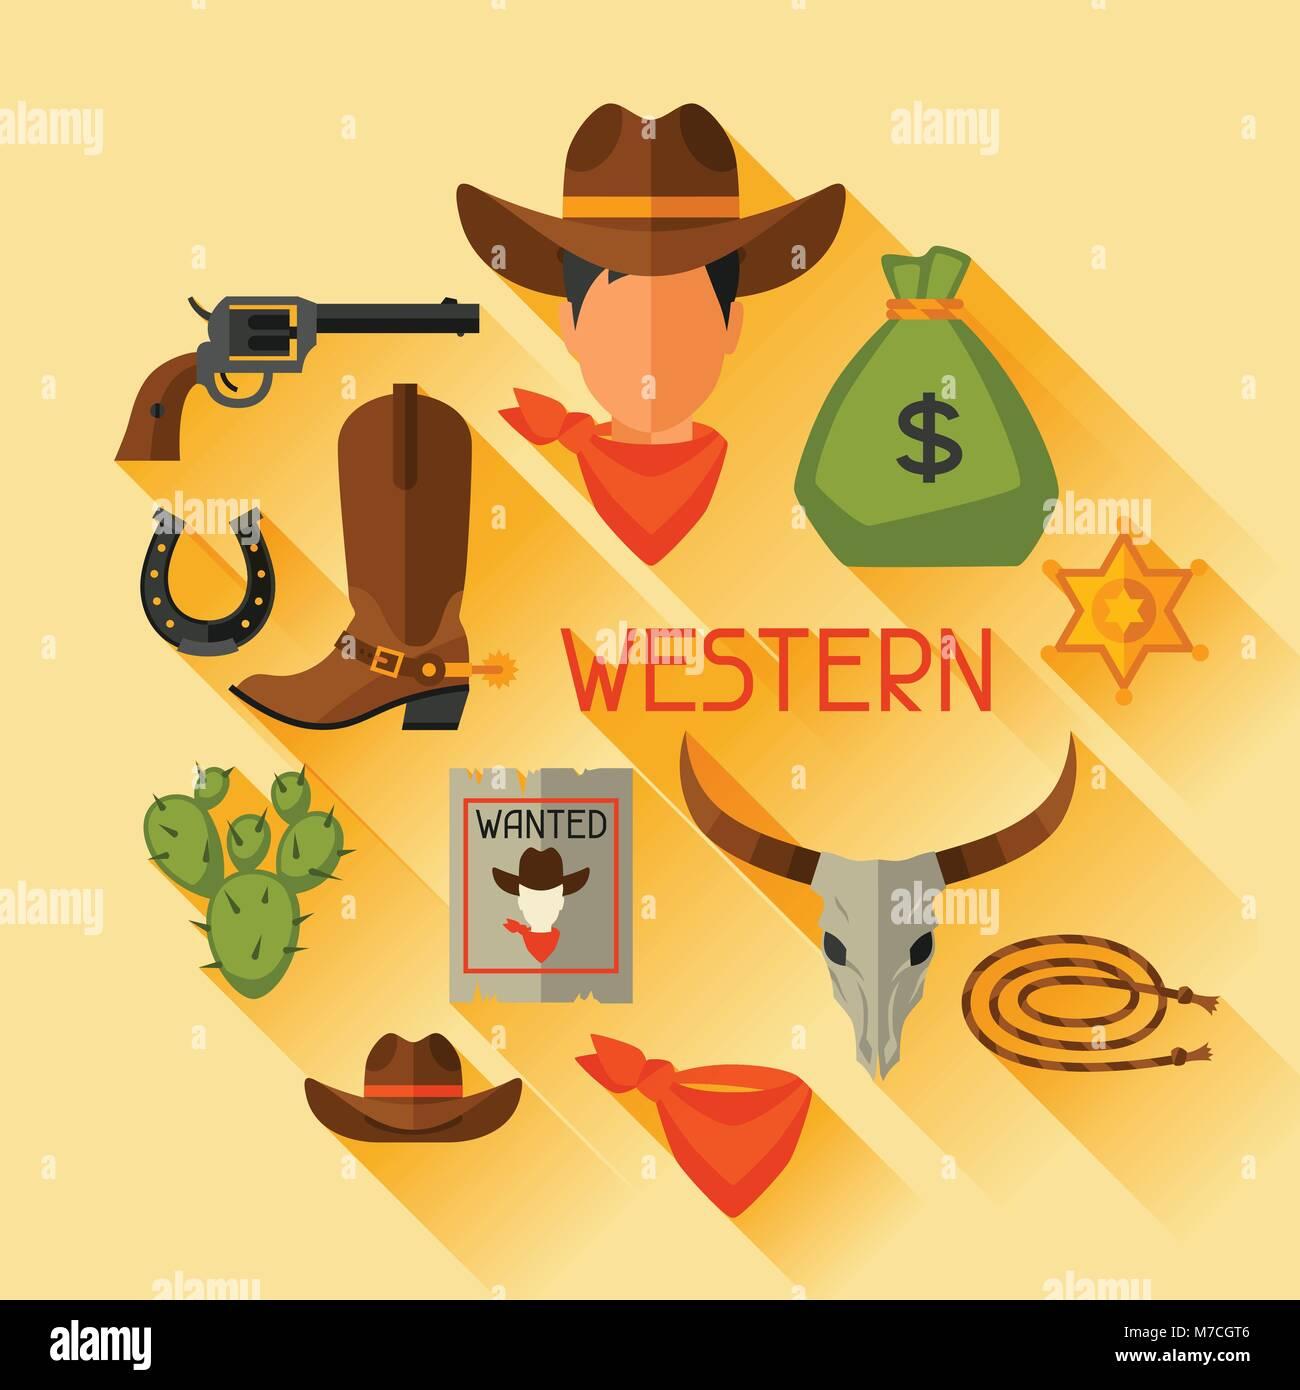 Cowboy Art Stock Photos & Cowboy Art Stock Images - Alamy